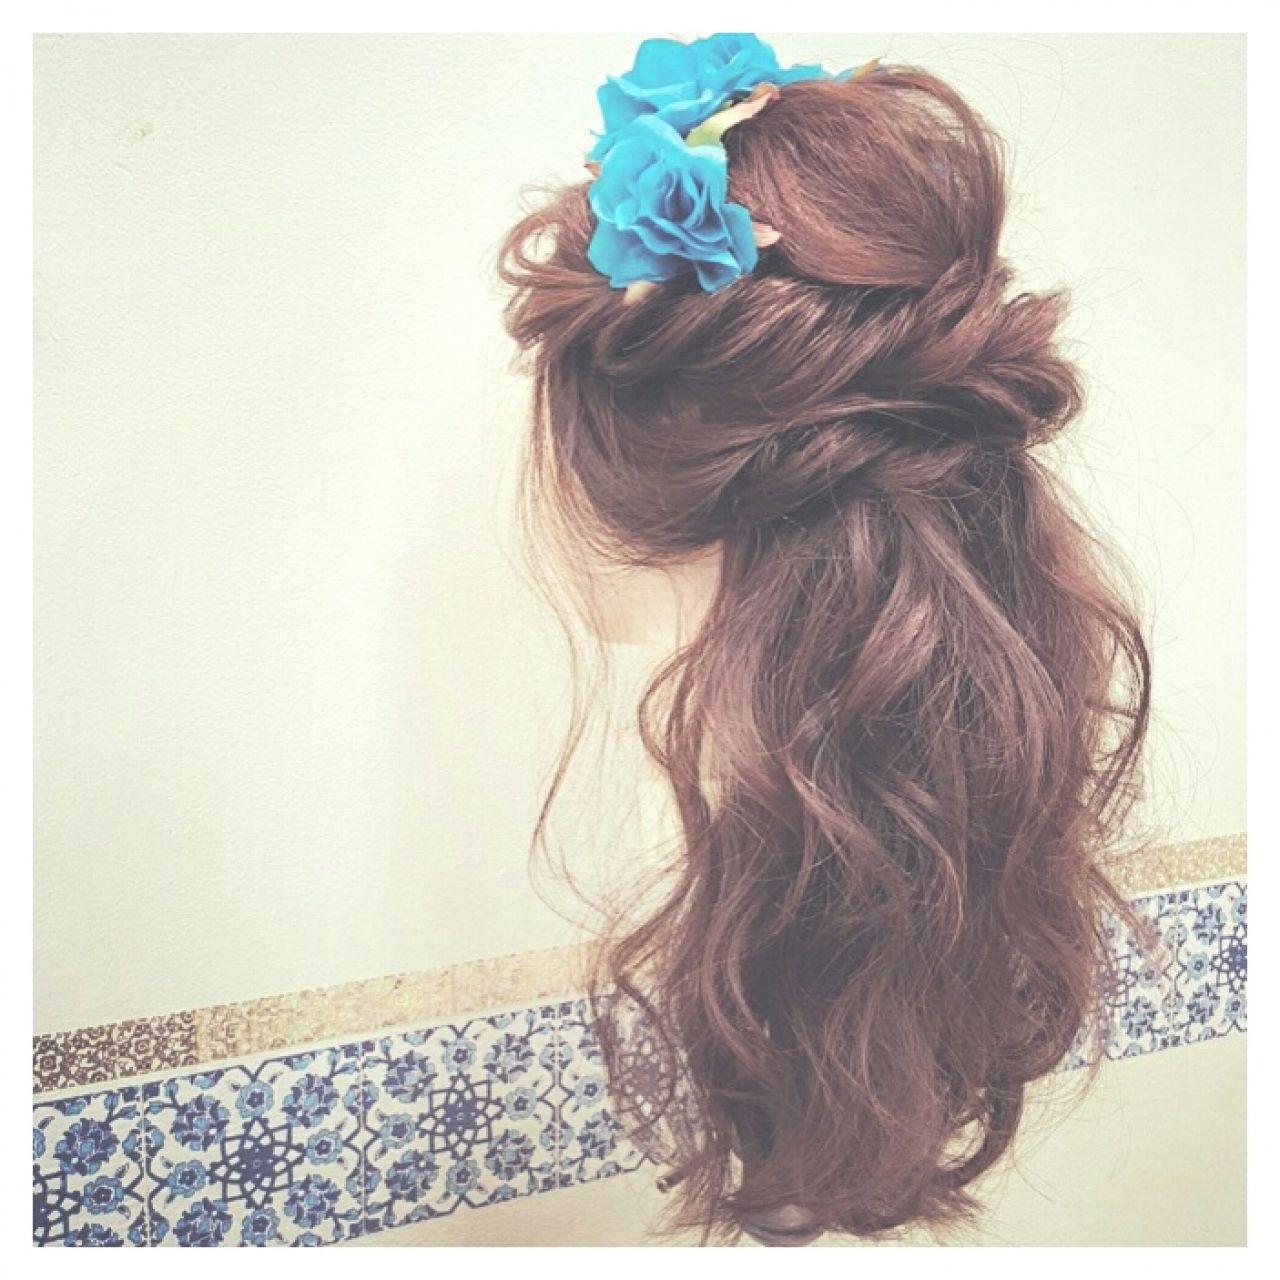 ヘアアレンジ コンサバ フィッシュボーン パーティ ヘアスタイルや髪型の写真・画像